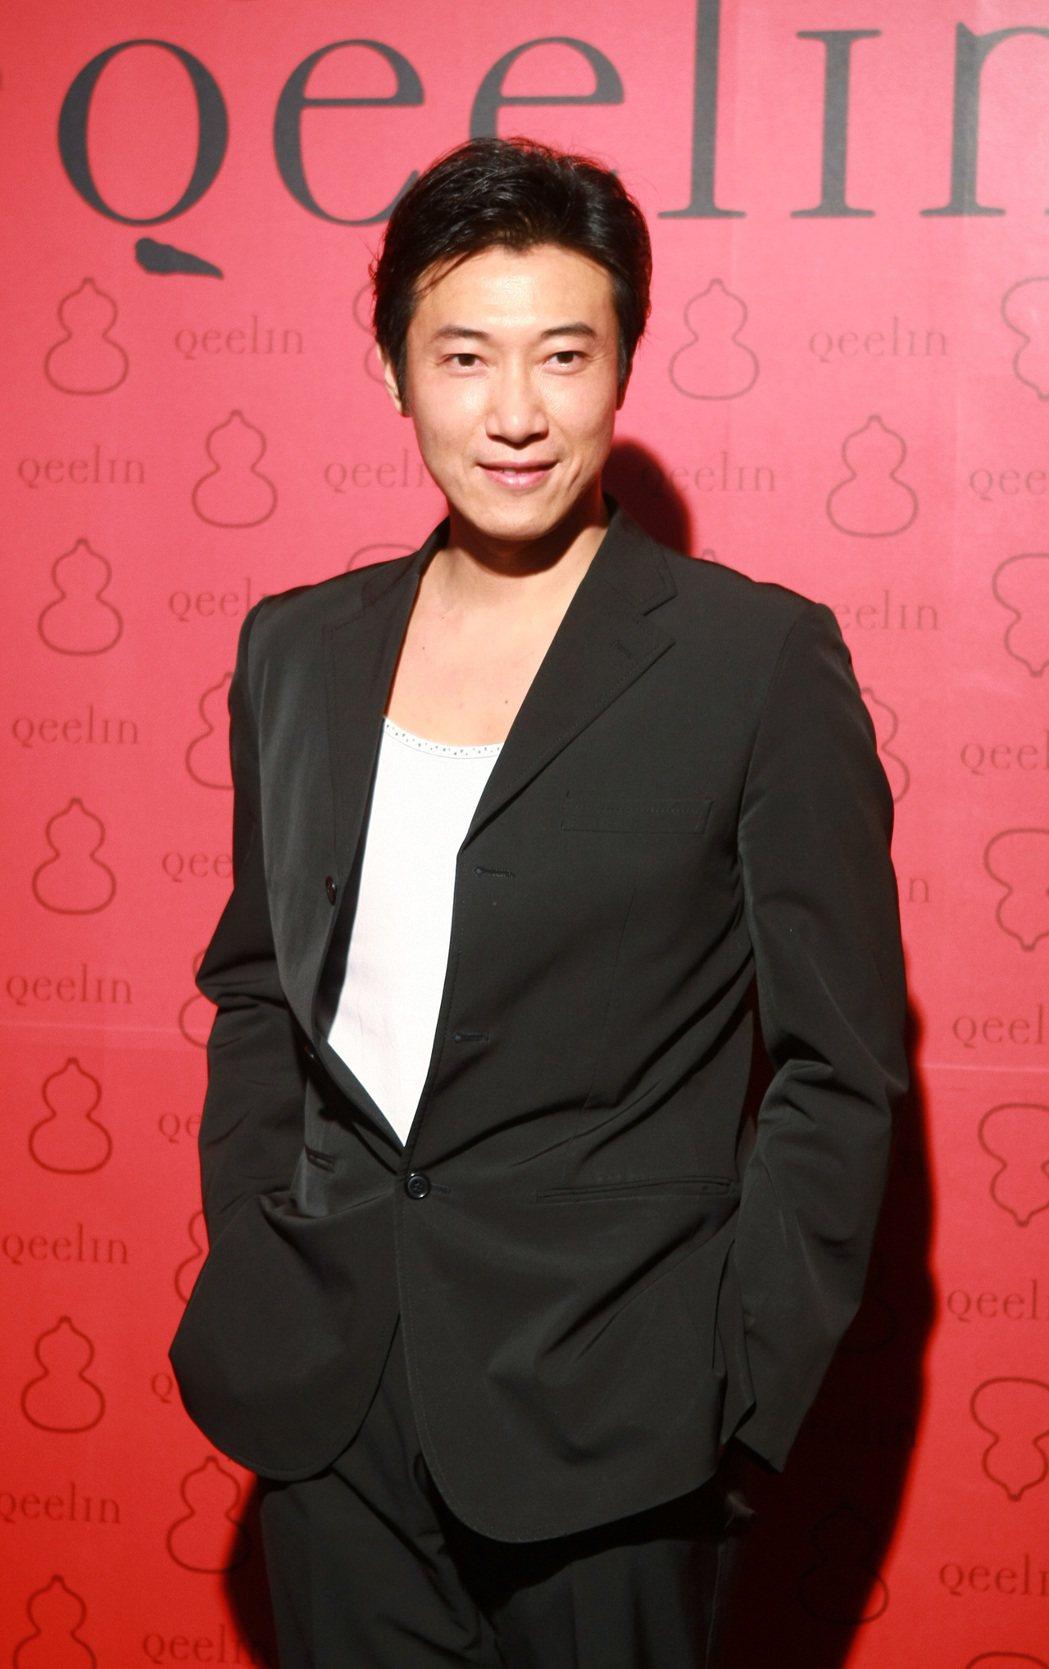 陳鴻(見圖)出席台北Qeelin店開幕會(圖為2009年6月拍攝)。 記者高智洋...